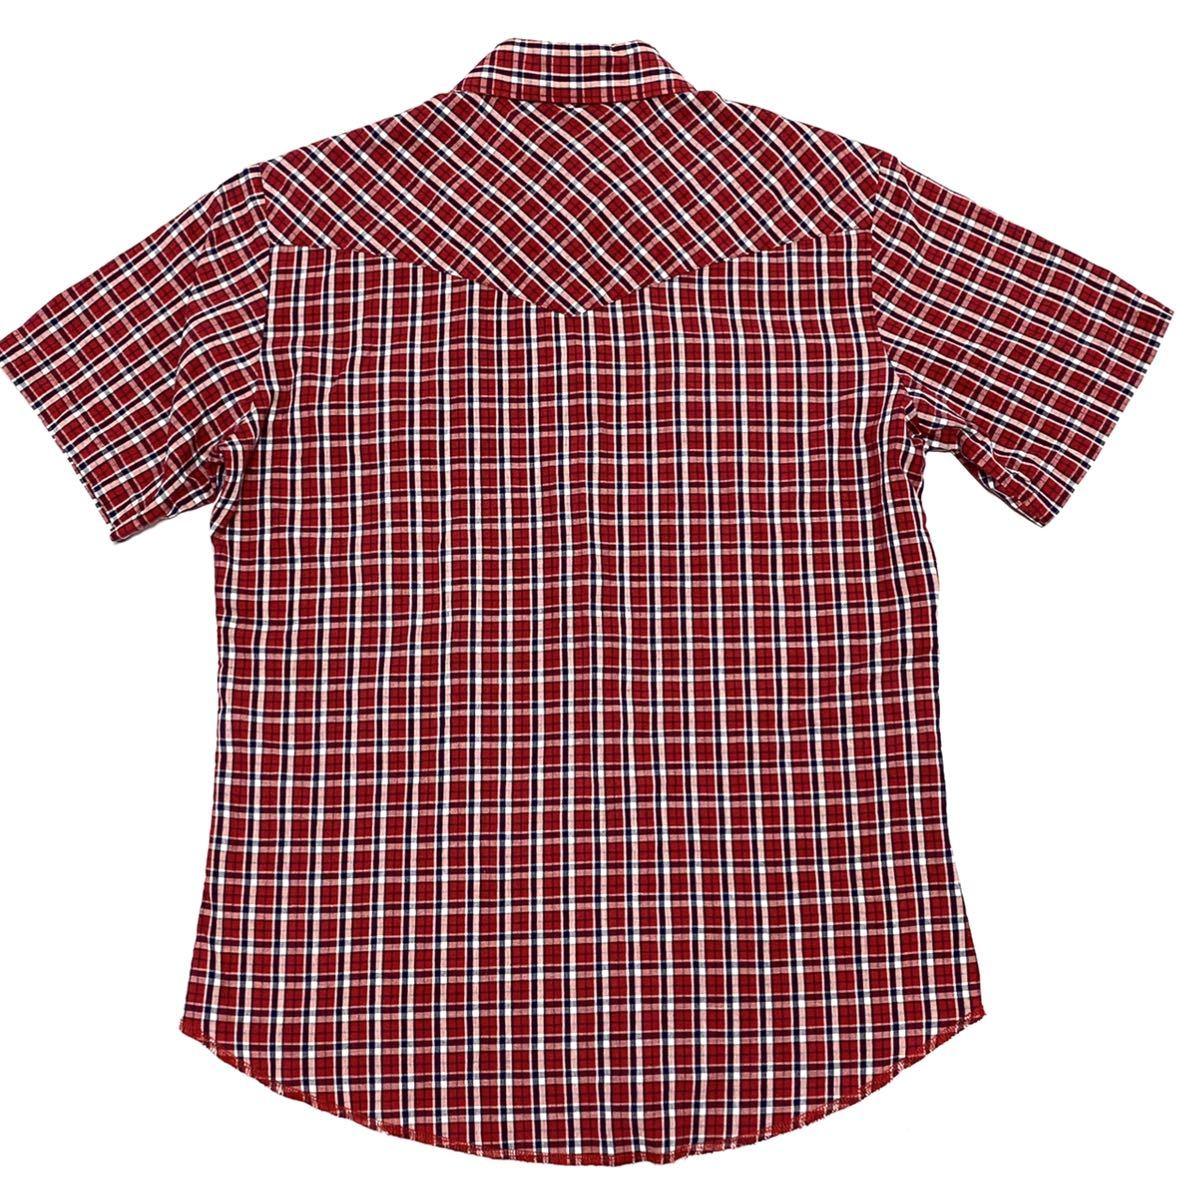 Mサイズ ラングラー ウェスタンシャツ 半袖 チェック アメリカ古着 アメカジ メンズ 即決 美シルエット